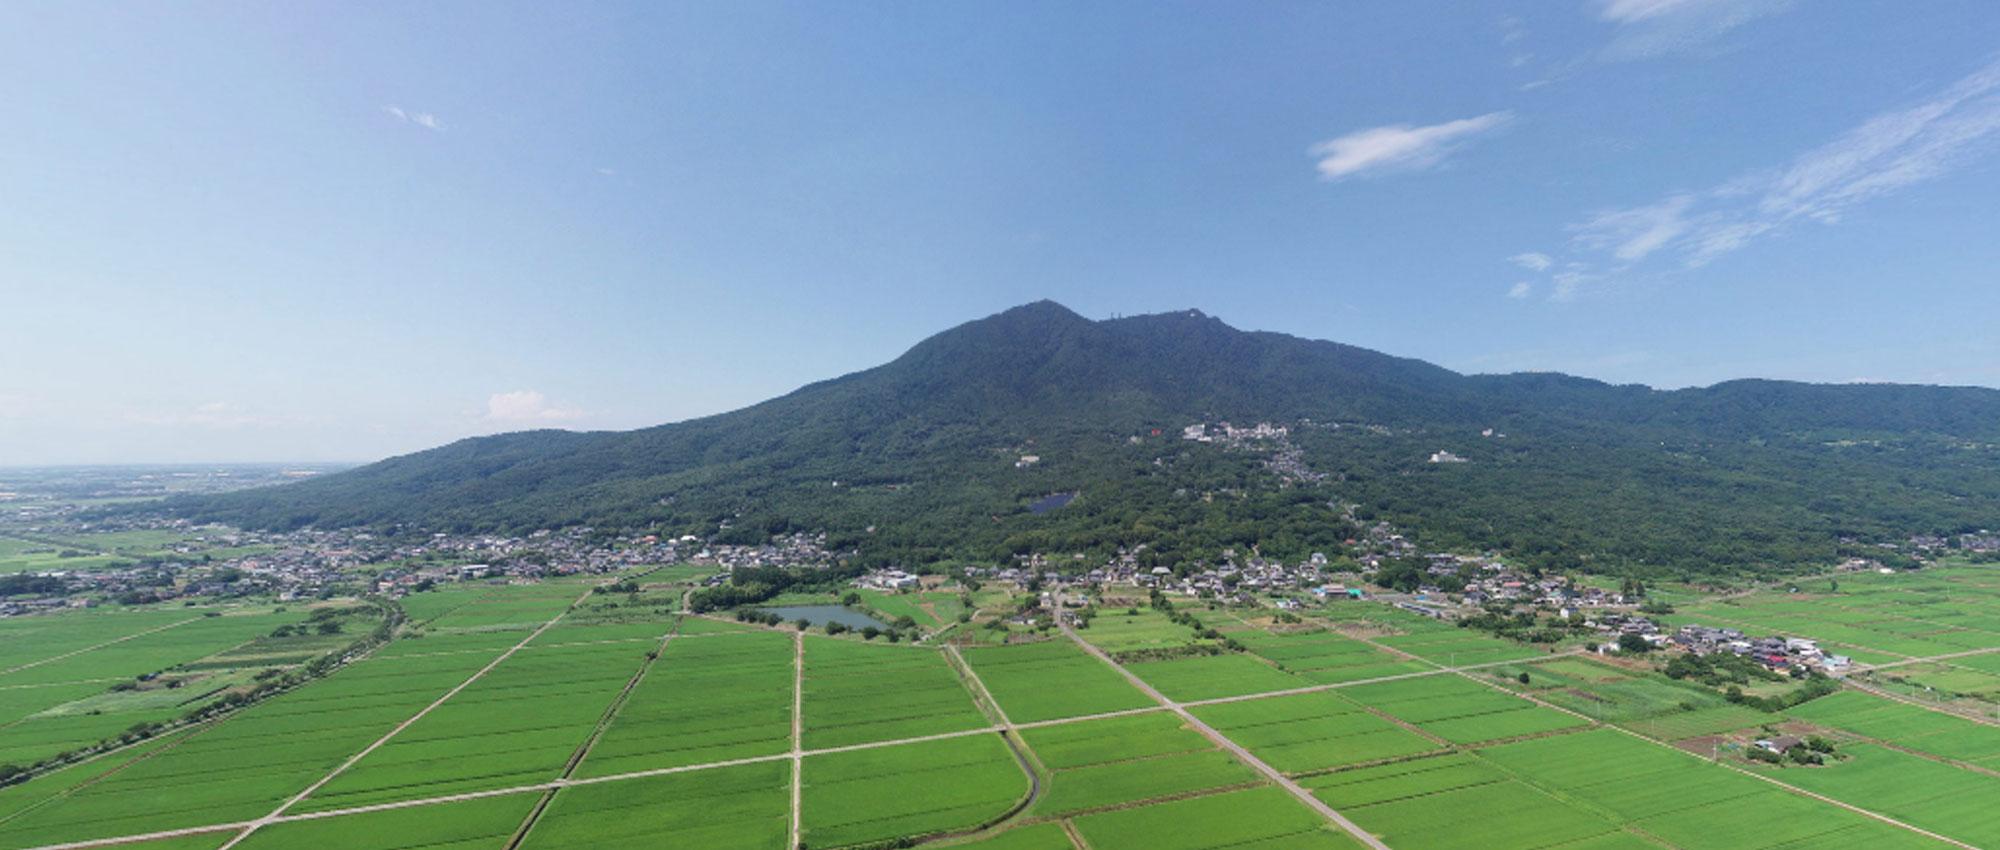 観光名所の筑波山の写真